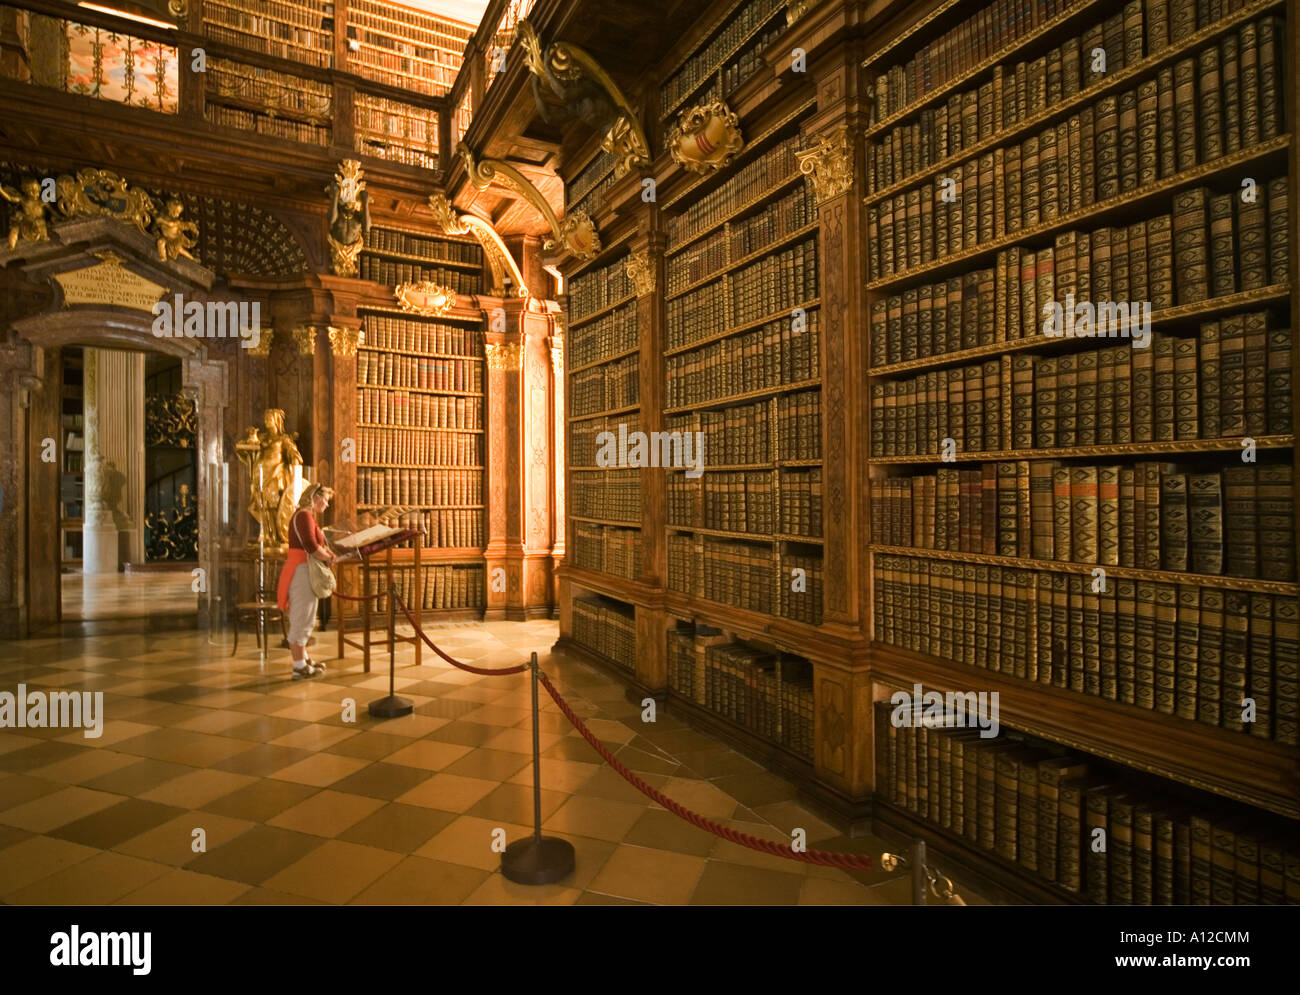 Melk Abbey Library Stock Photos  Melk Abbey Library Stock-9097